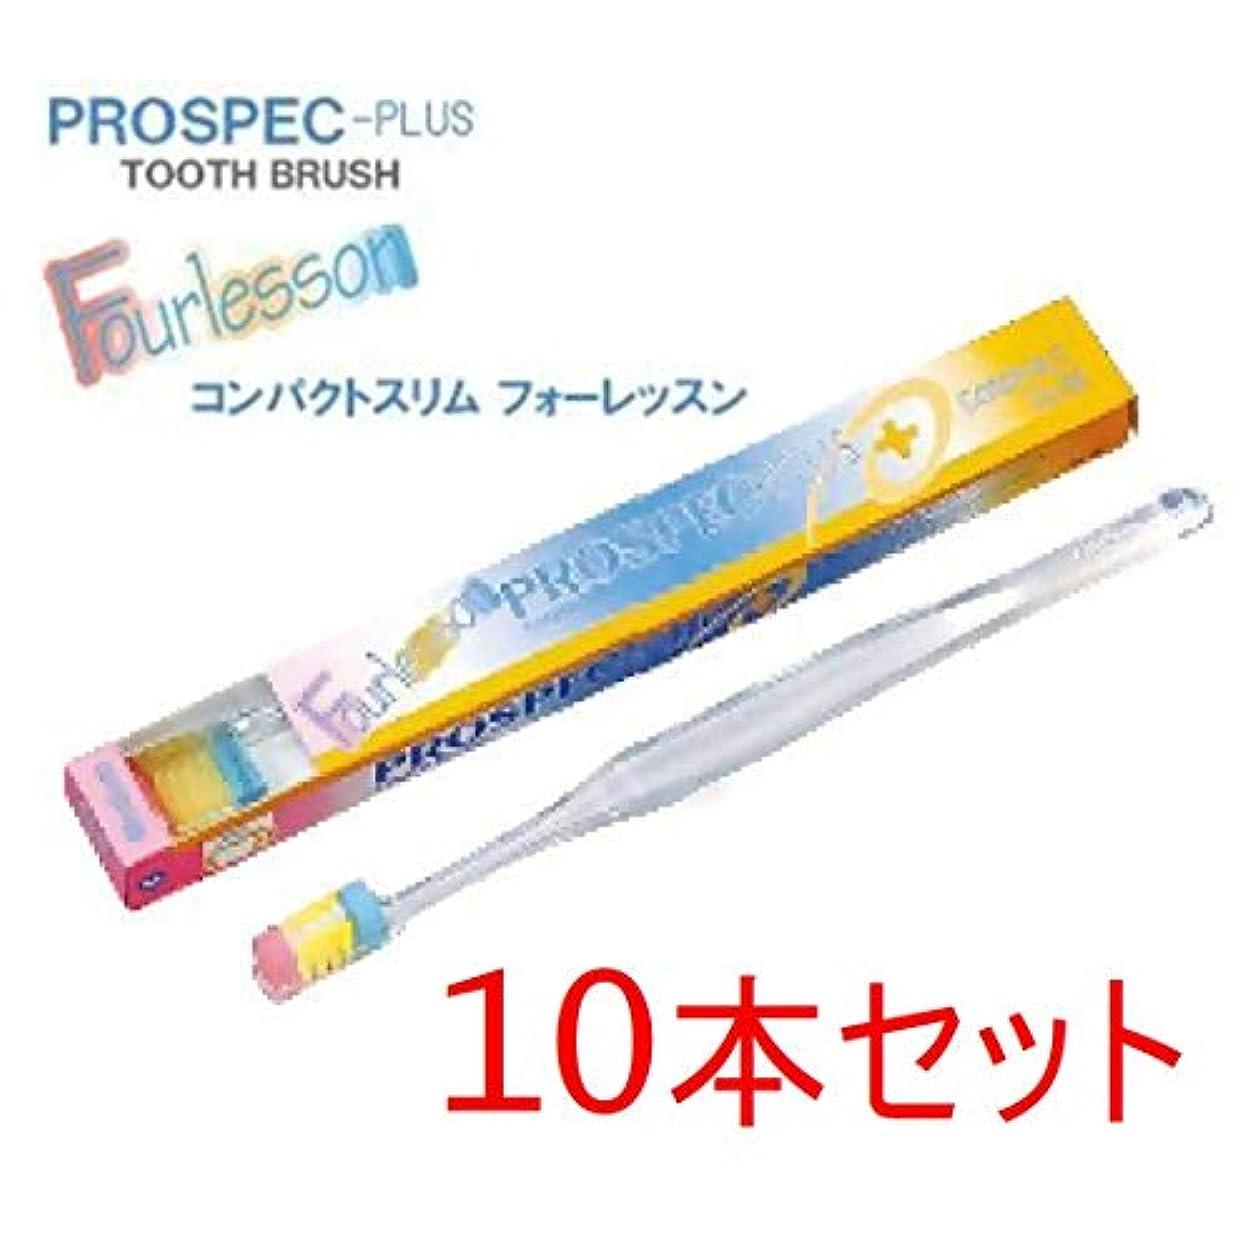 起訴する好むスリラープロスペック 歯ブラシ コンパクトスリム 10本 フォーレッスン 毛の硬さ ふつう